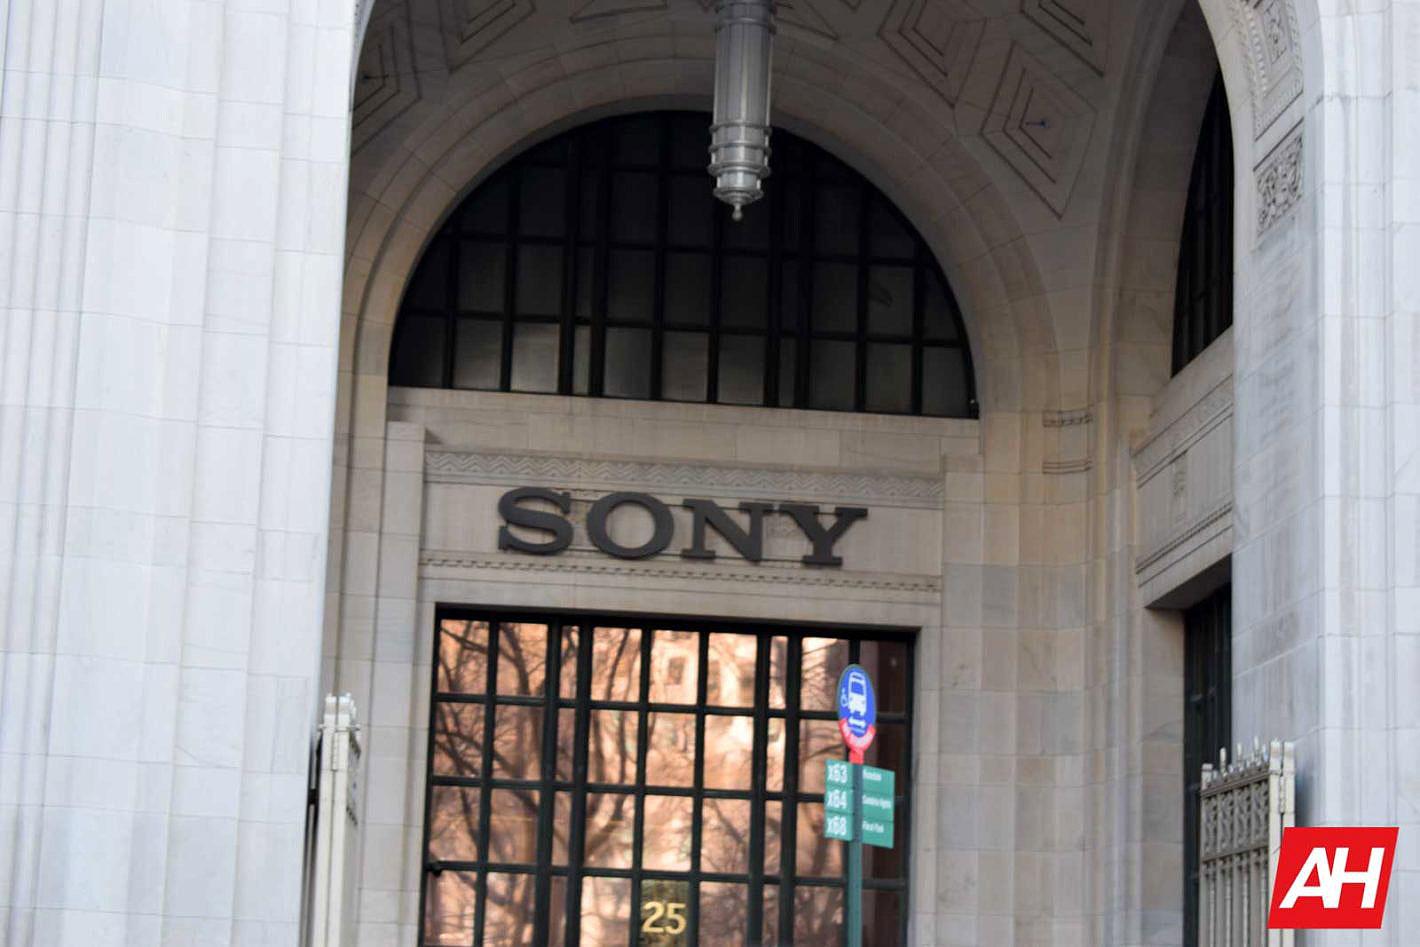 احتمال خروج سونی موبایل از خاورمیانه و امریکای شمالی